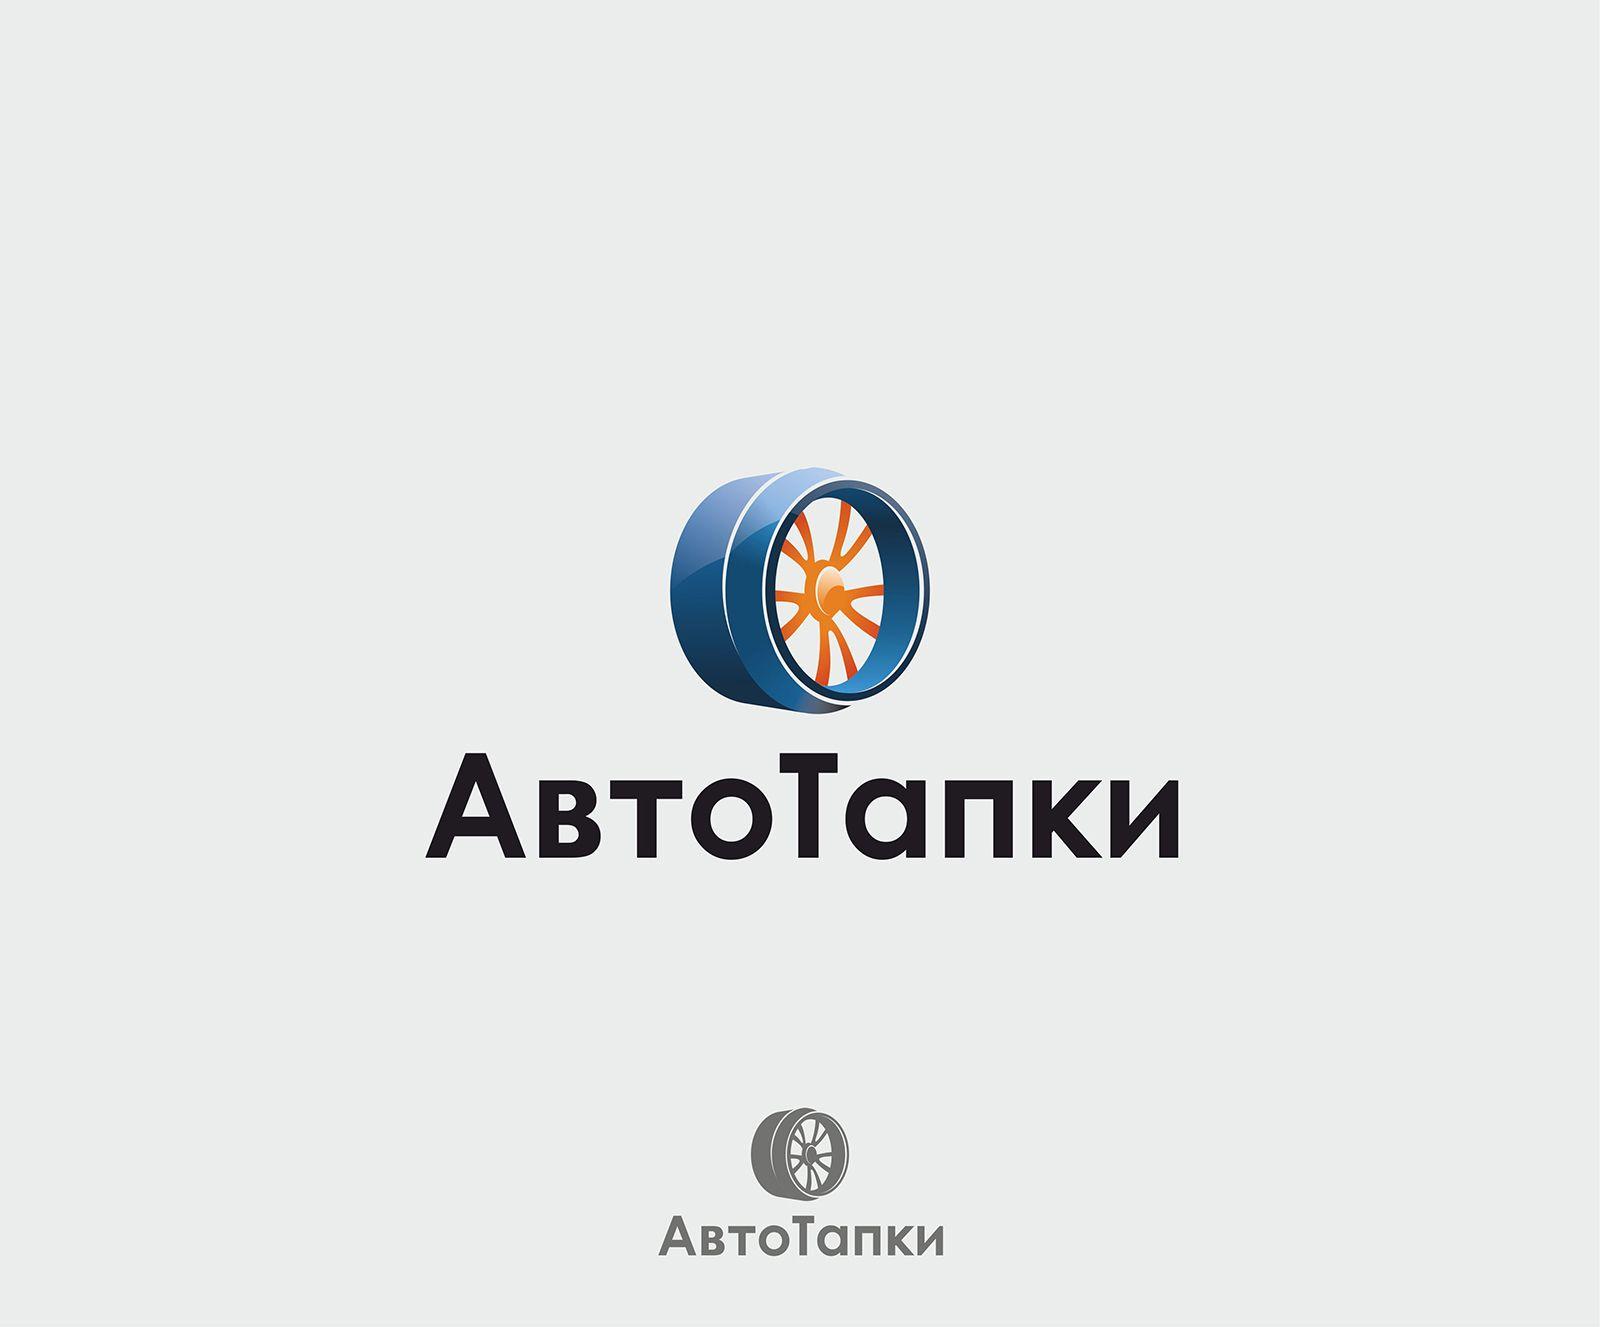 Логотип для магазина авто и мото шин и дисков - дизайнер AAKuznetcov